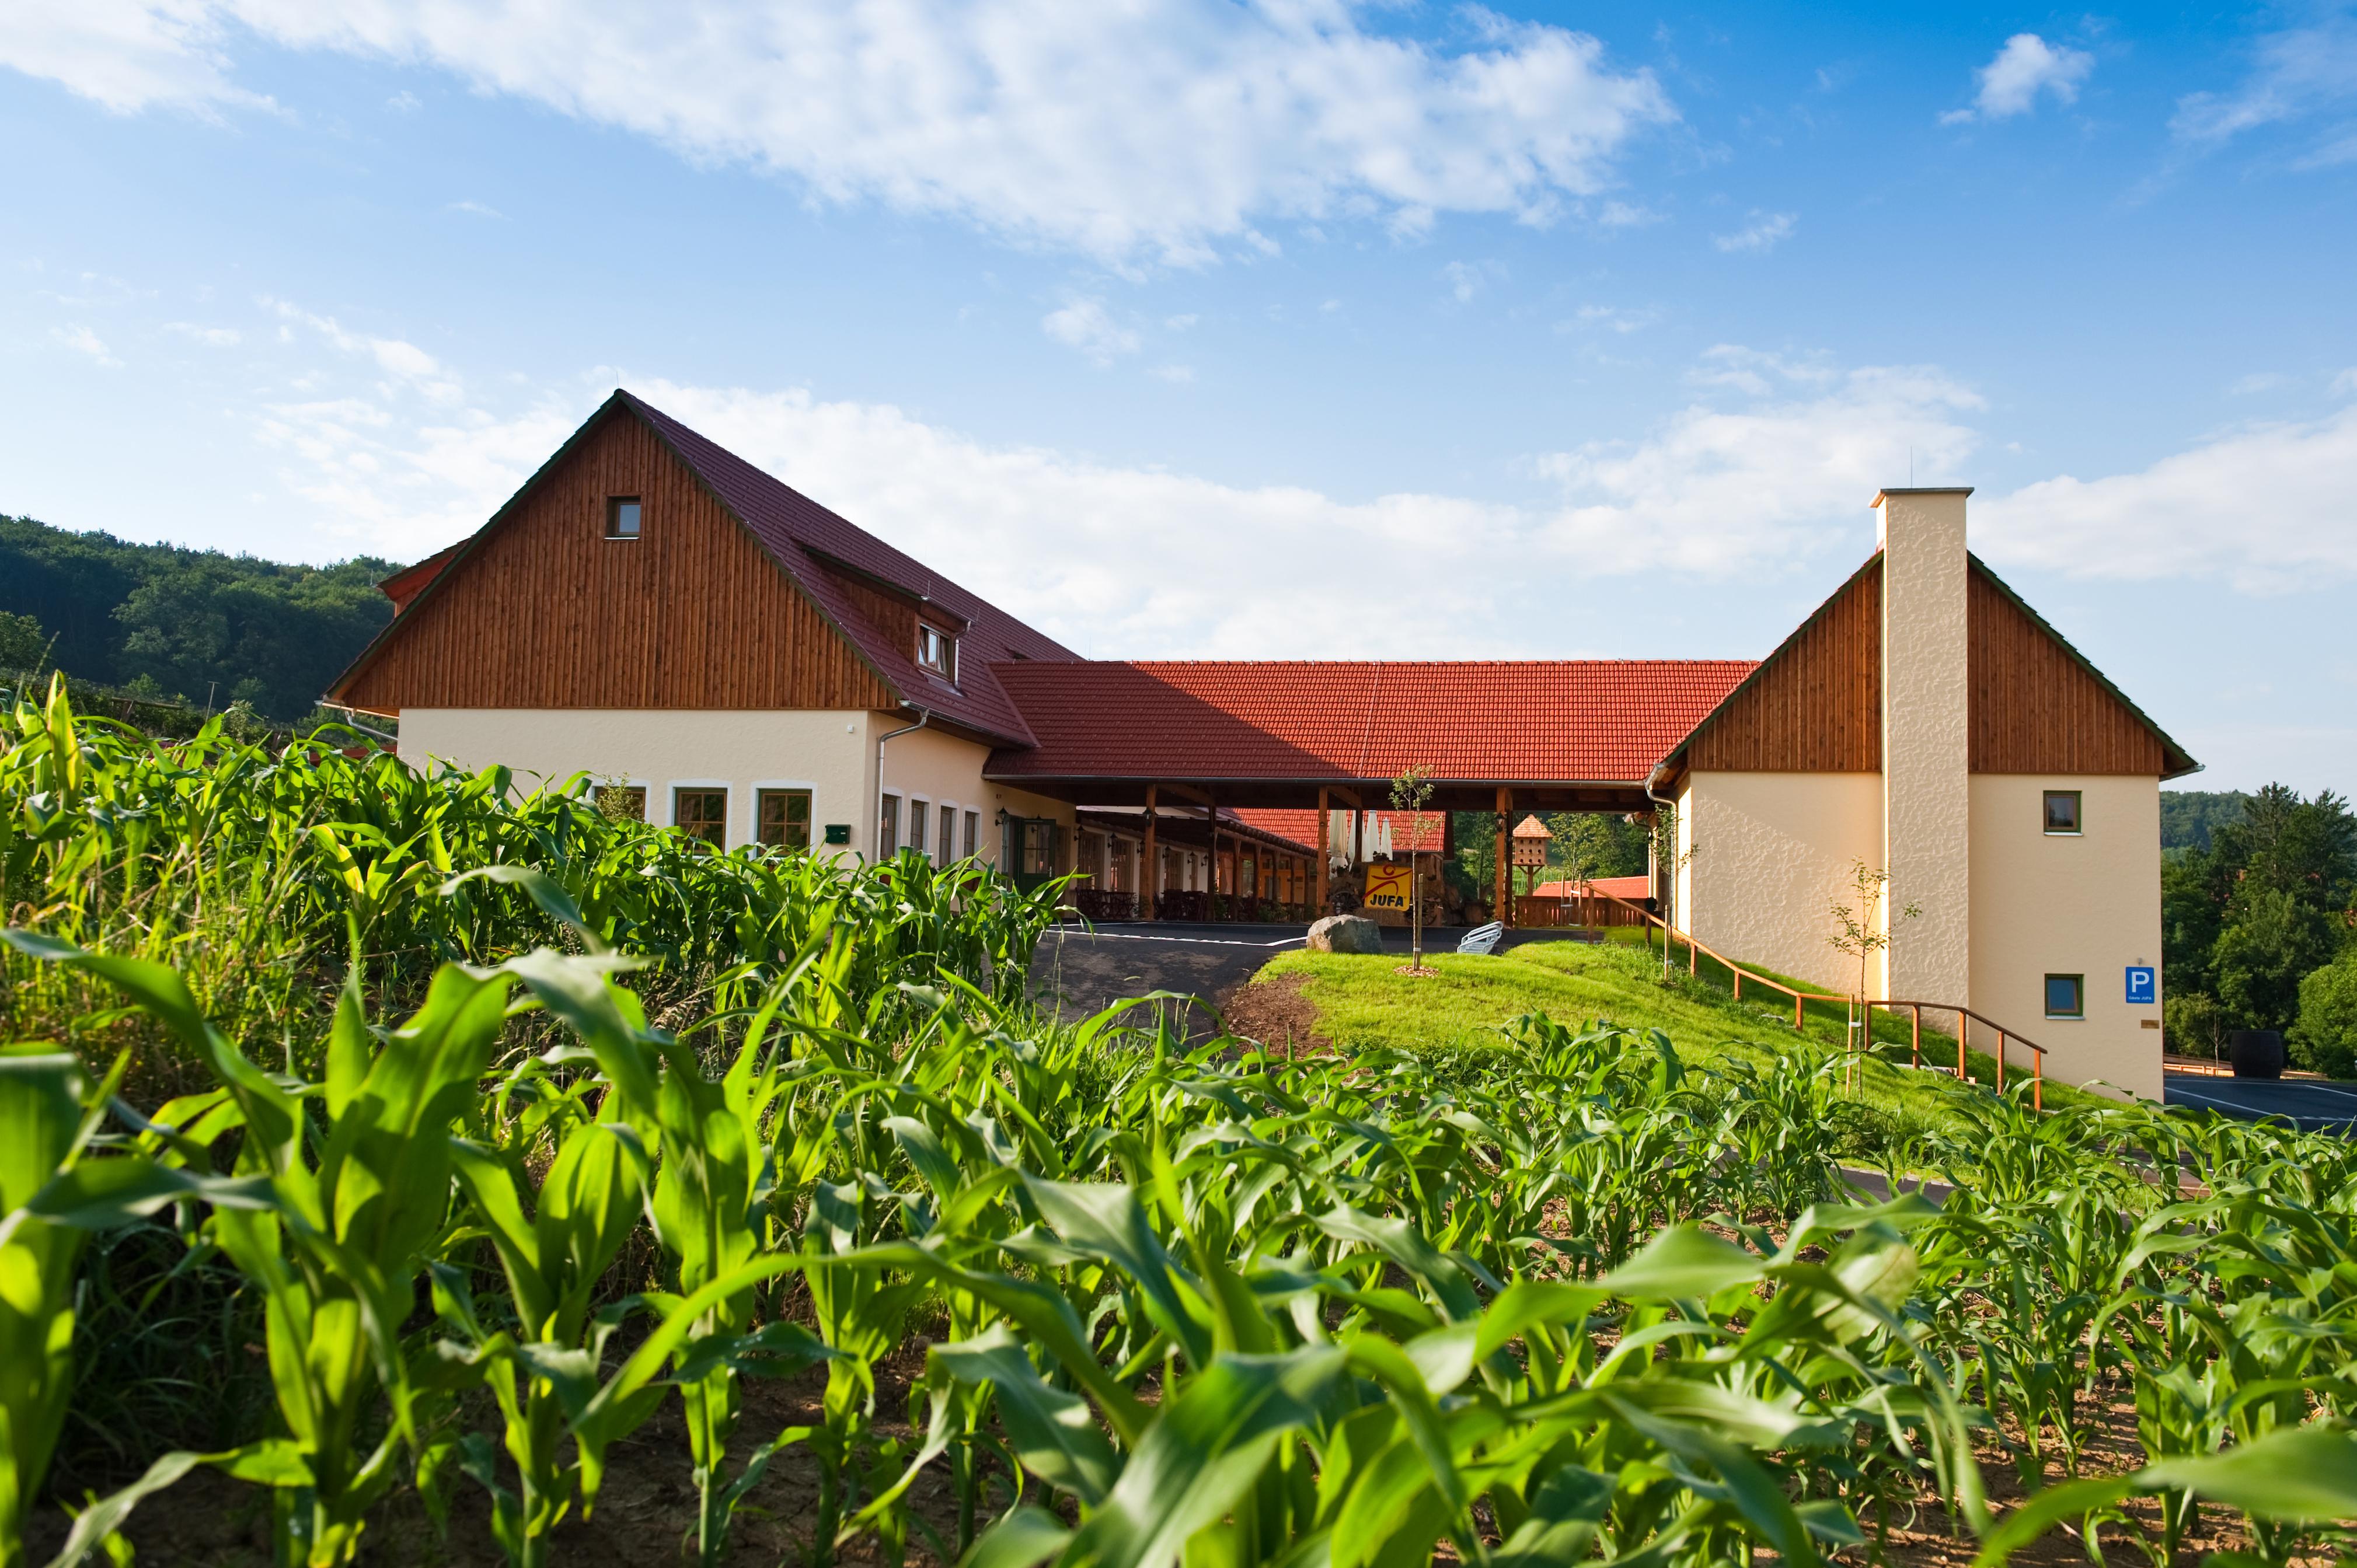 Aussenansicht mit Feld im Sommer vom JUFA Hotel Tieschen - Landerlebnis. Der Ort für erlebnisreichen Natururlaub für die ganze Familie.